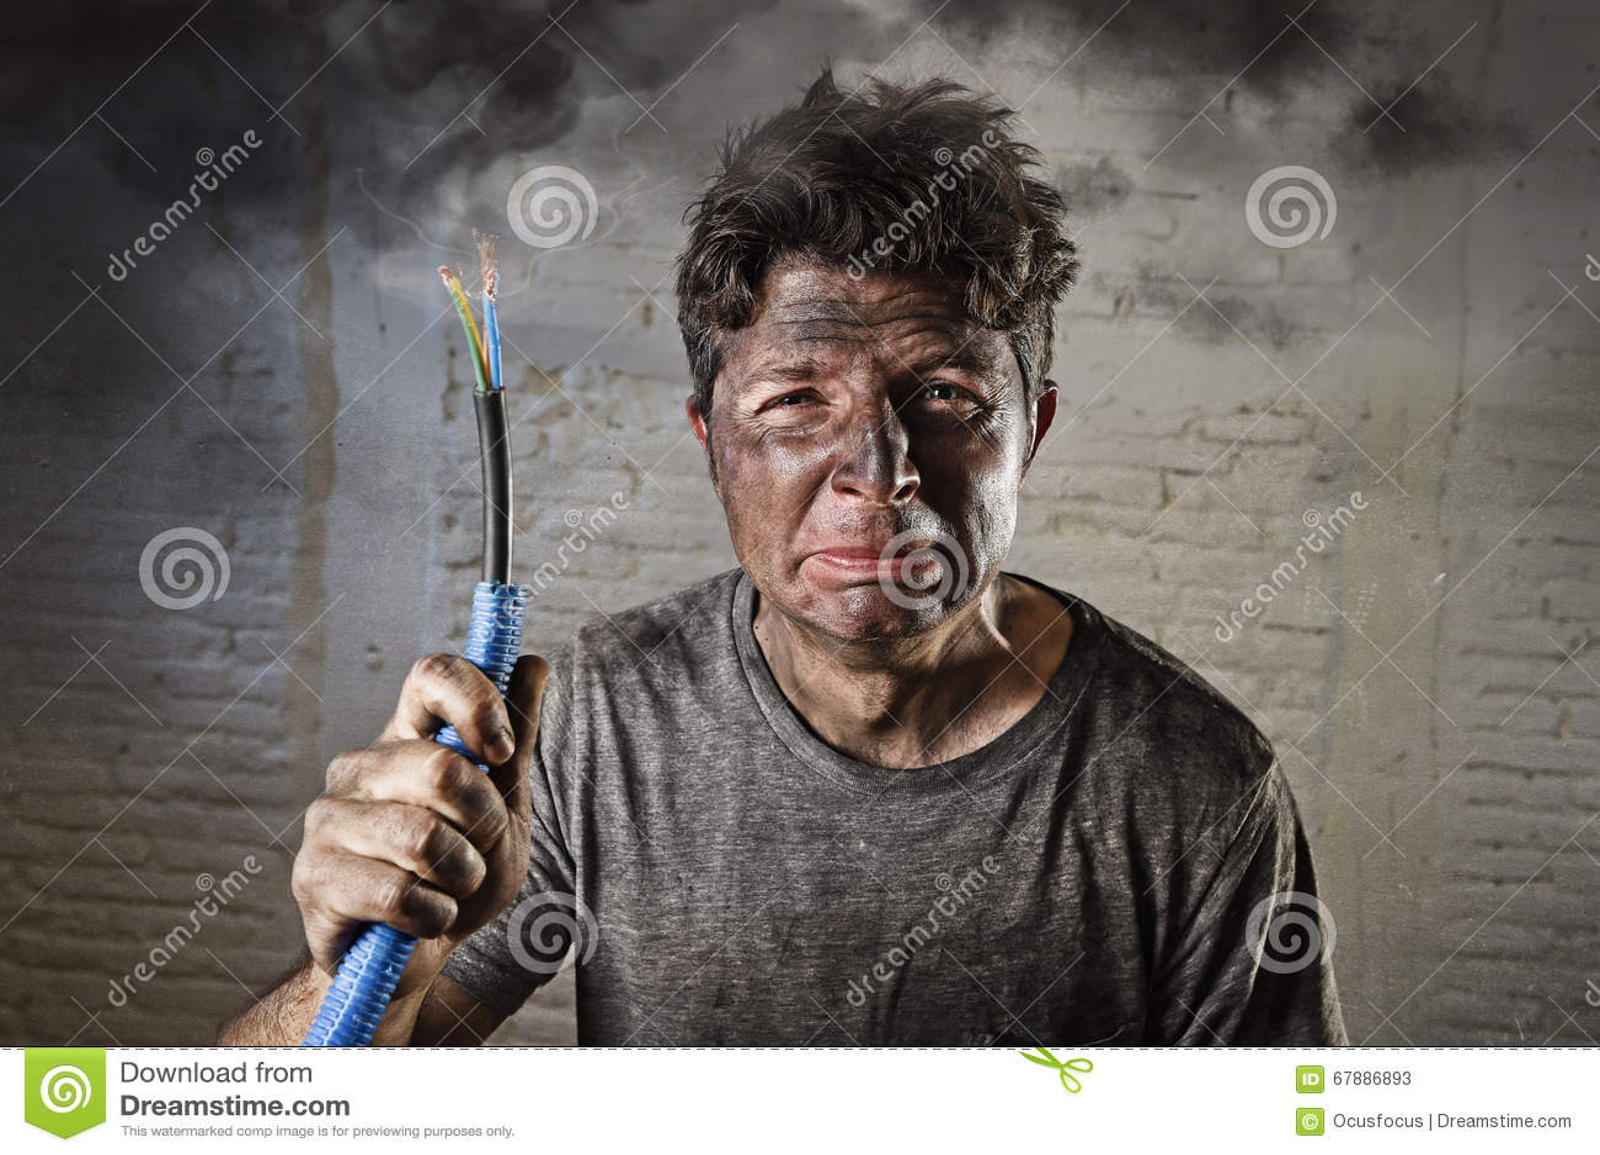 Hållande kabel för ung man som röker efter elektrisk olycka med den smutsiga brända framsidan i roligt ledset uttryck